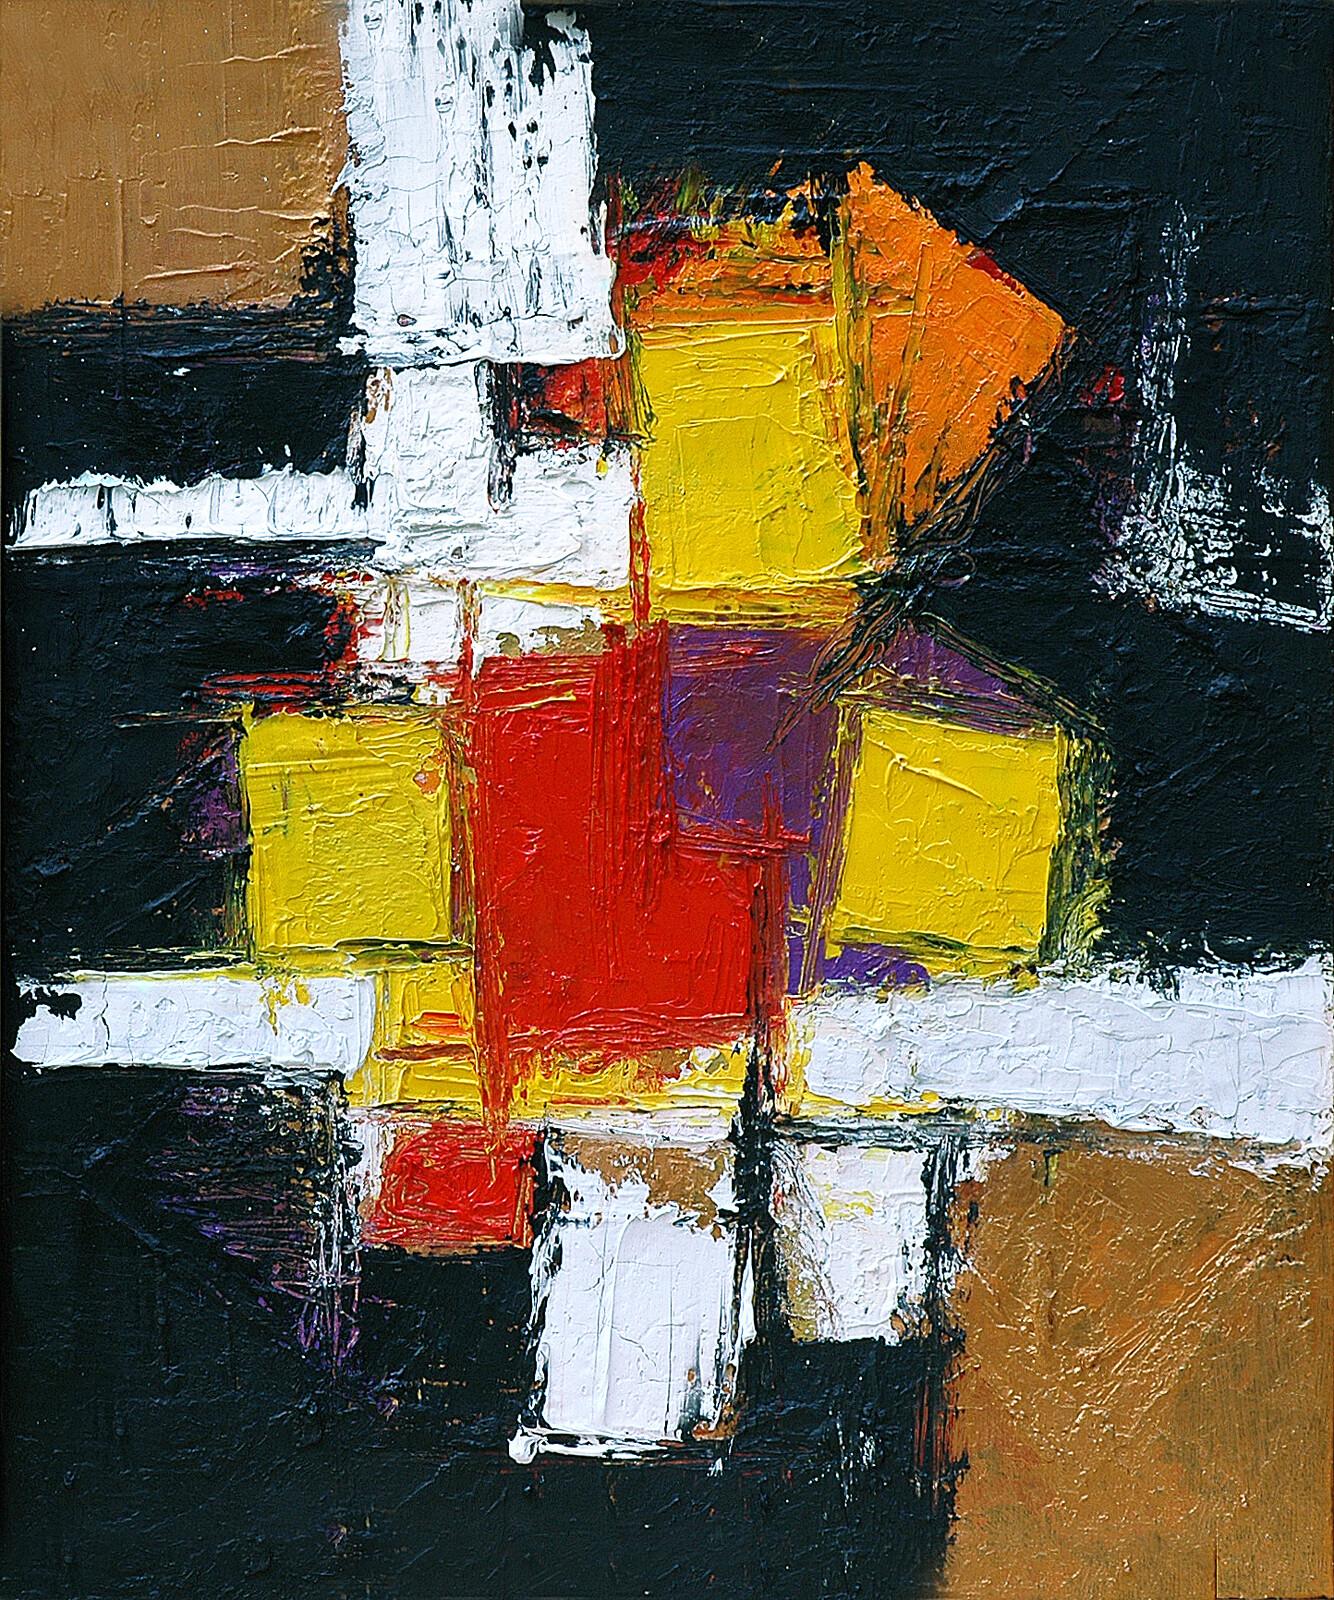 TRITTICO III Mutazione 50 x 60 acrylic oil plaster on canvas